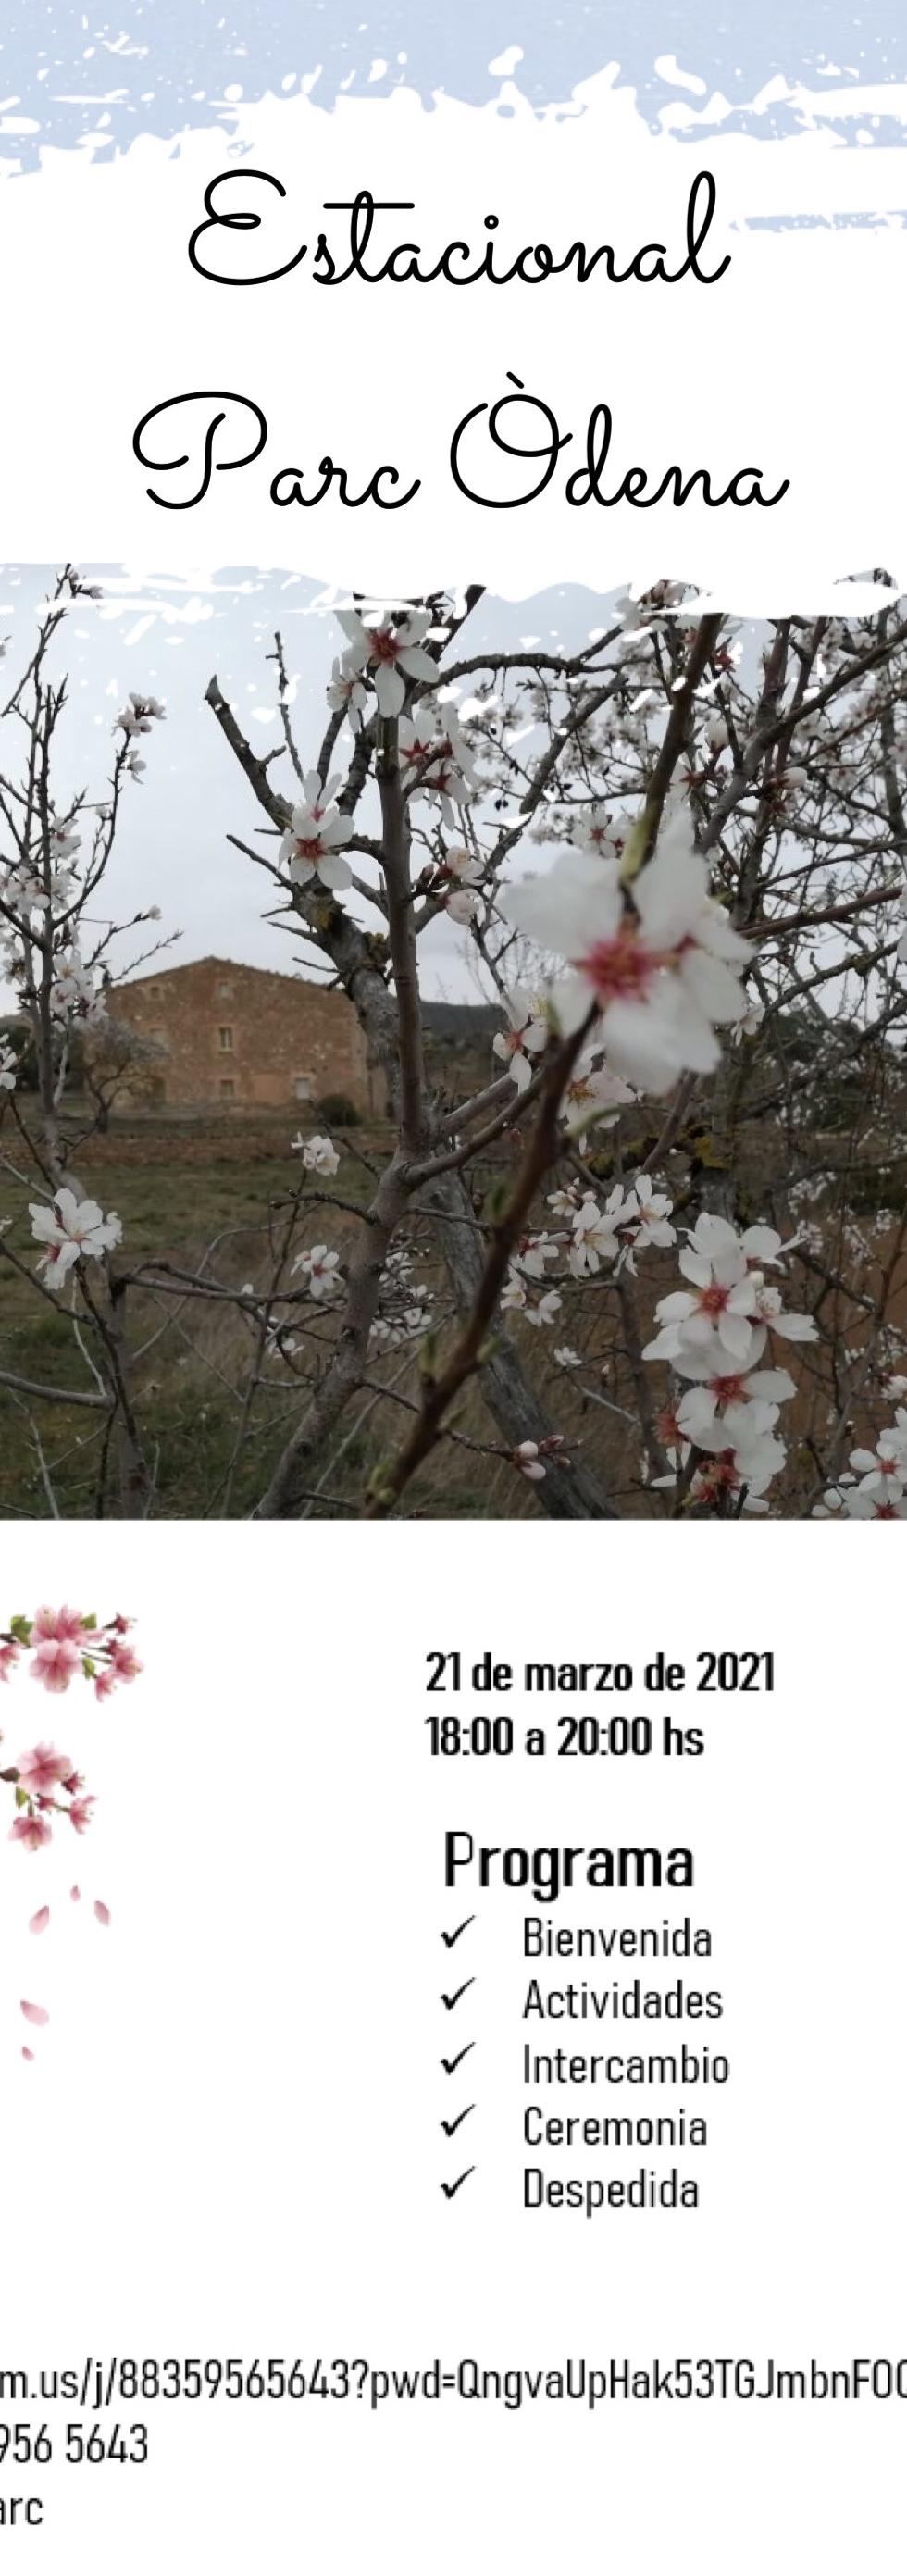 Trobada estacional març 2021